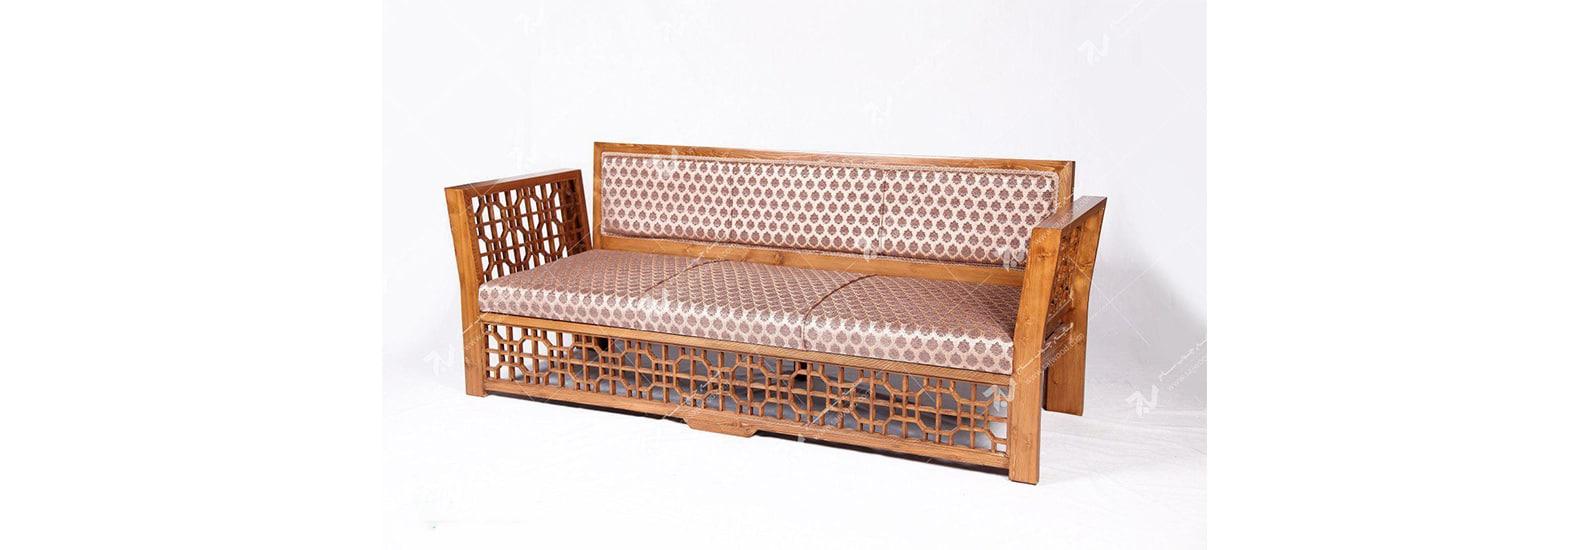 مبلمان چوبی سنتی سه نفره گره چینی  مشبک - سها کد ۲۵۶